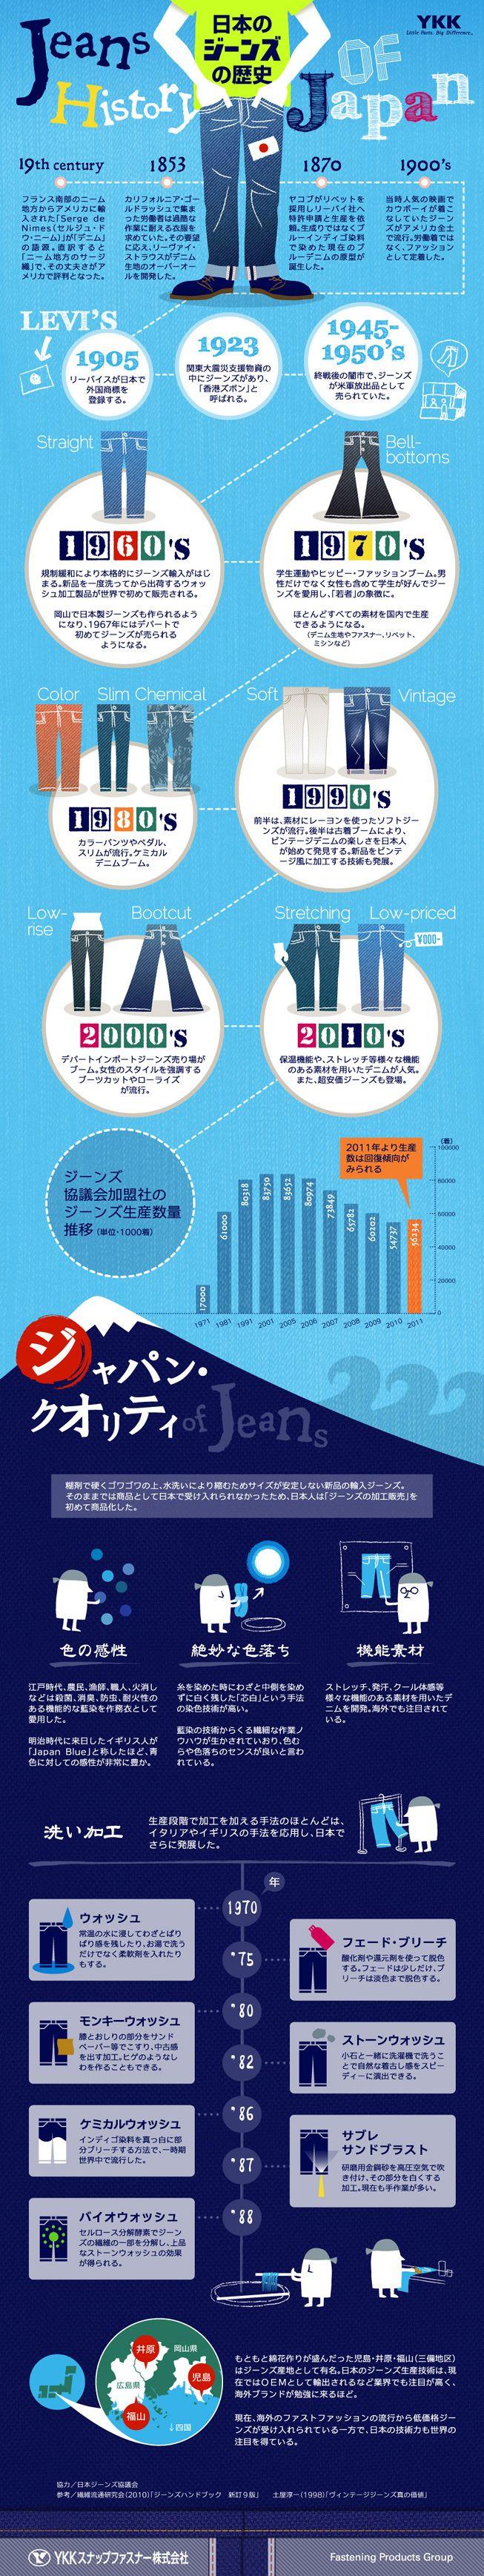 あの時コレが流行った!日本のジーンズの歴史を紐解くインフォグラフィック | 製品・サービス | YKKスナップファスナー株式会社